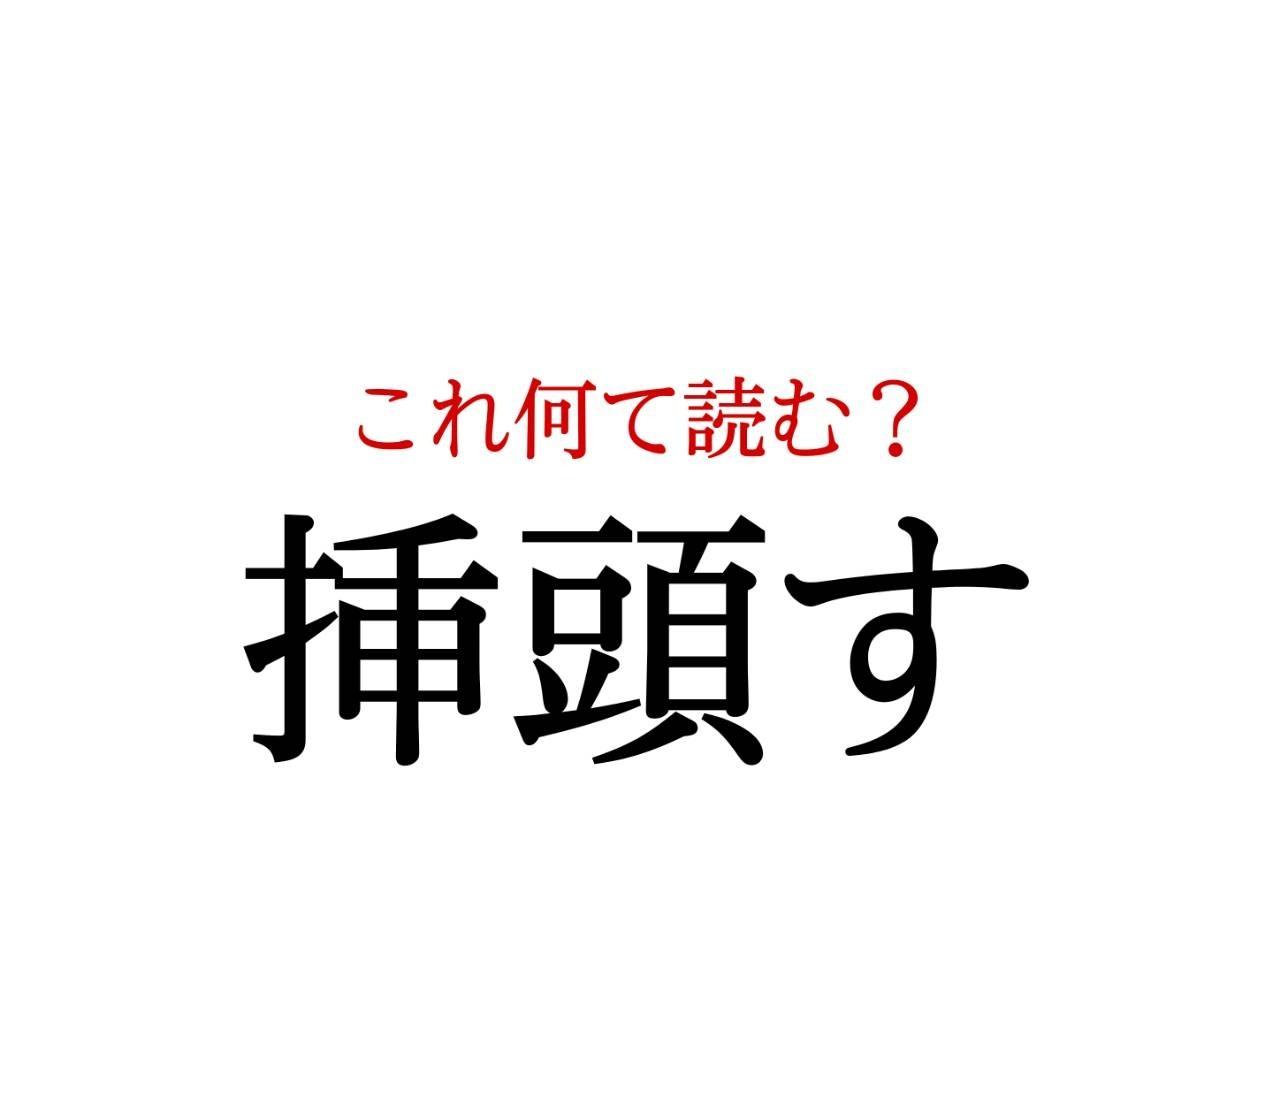 「挿頭す」:この漢字、自信を持って読めますか?【働く大人の漢字クイズvol.66】